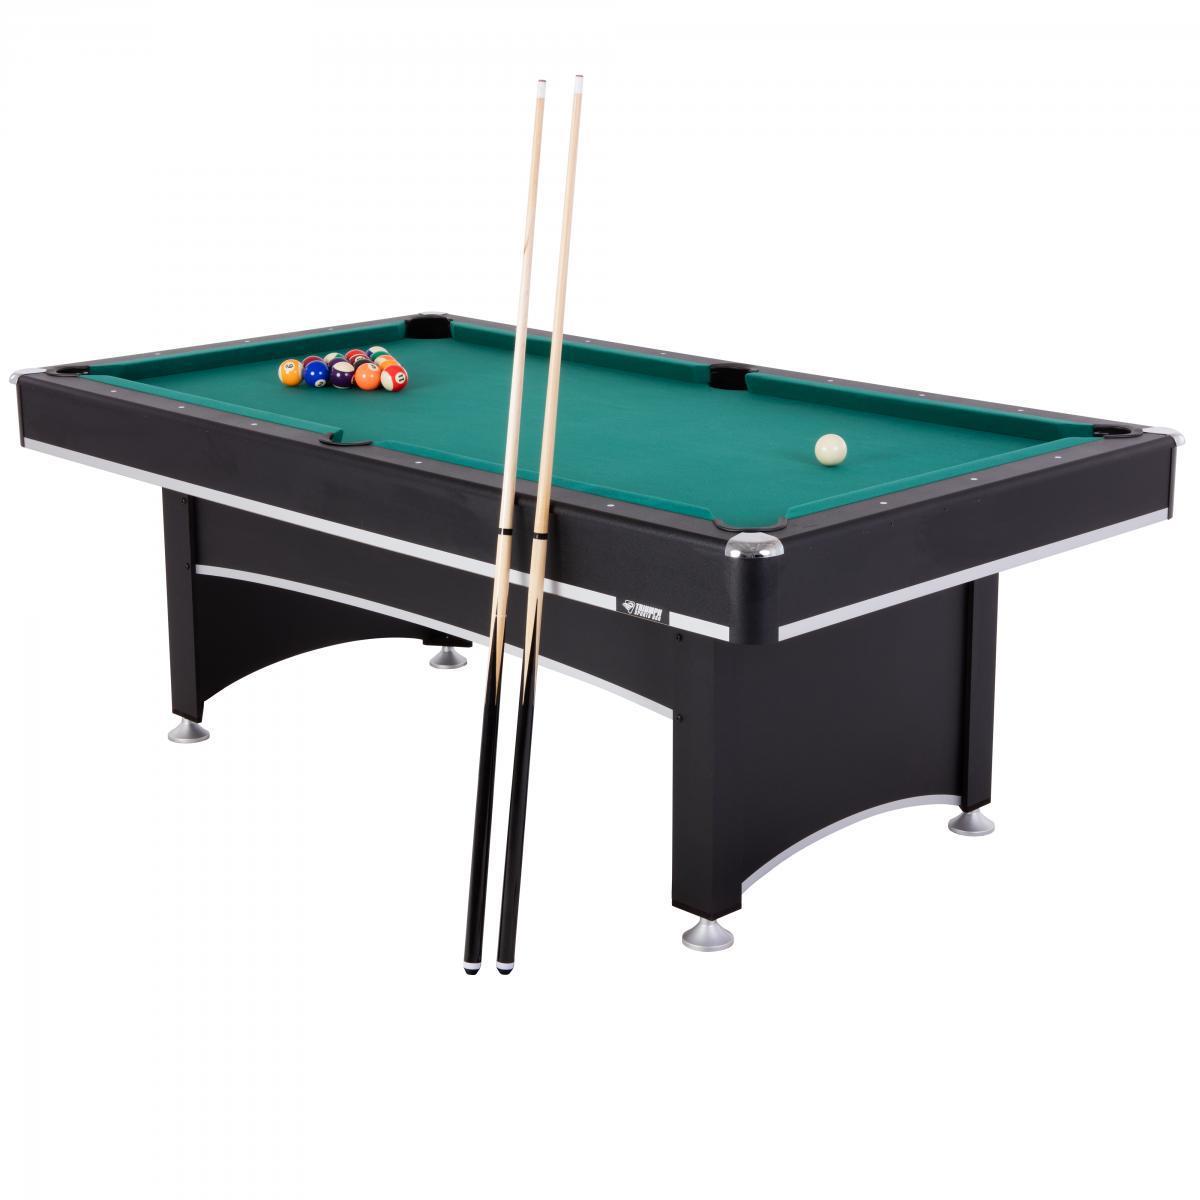 Бильярдный стол для пула ТТ-Бильярд Феникс 7Ф с теннисной крышкой